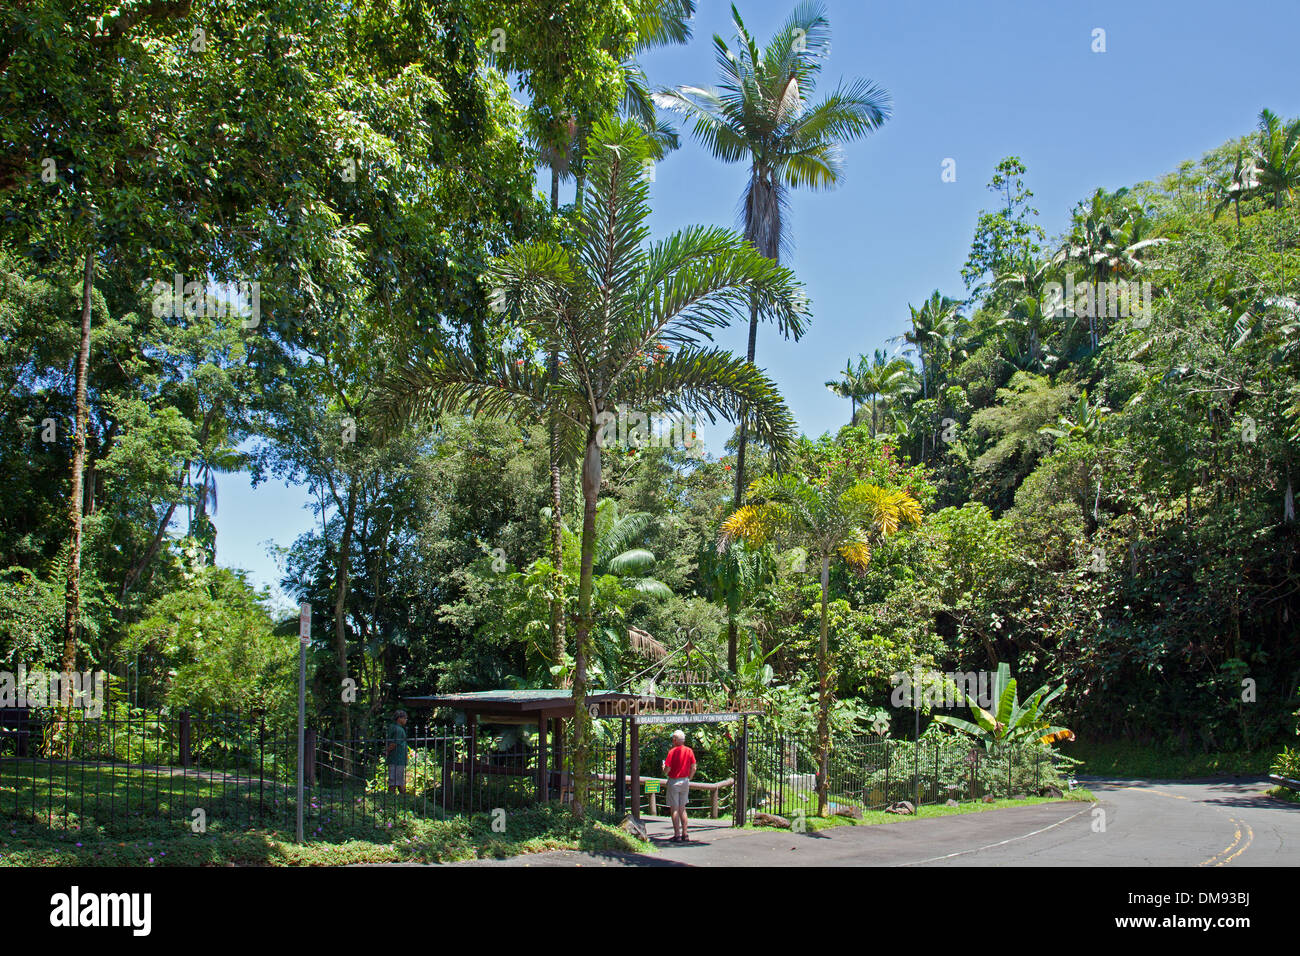 Entrada al jardín botánico tropical de Hawaii, el recorrido saliendo de la Highway 19, al norte de hilo. Foto de stock